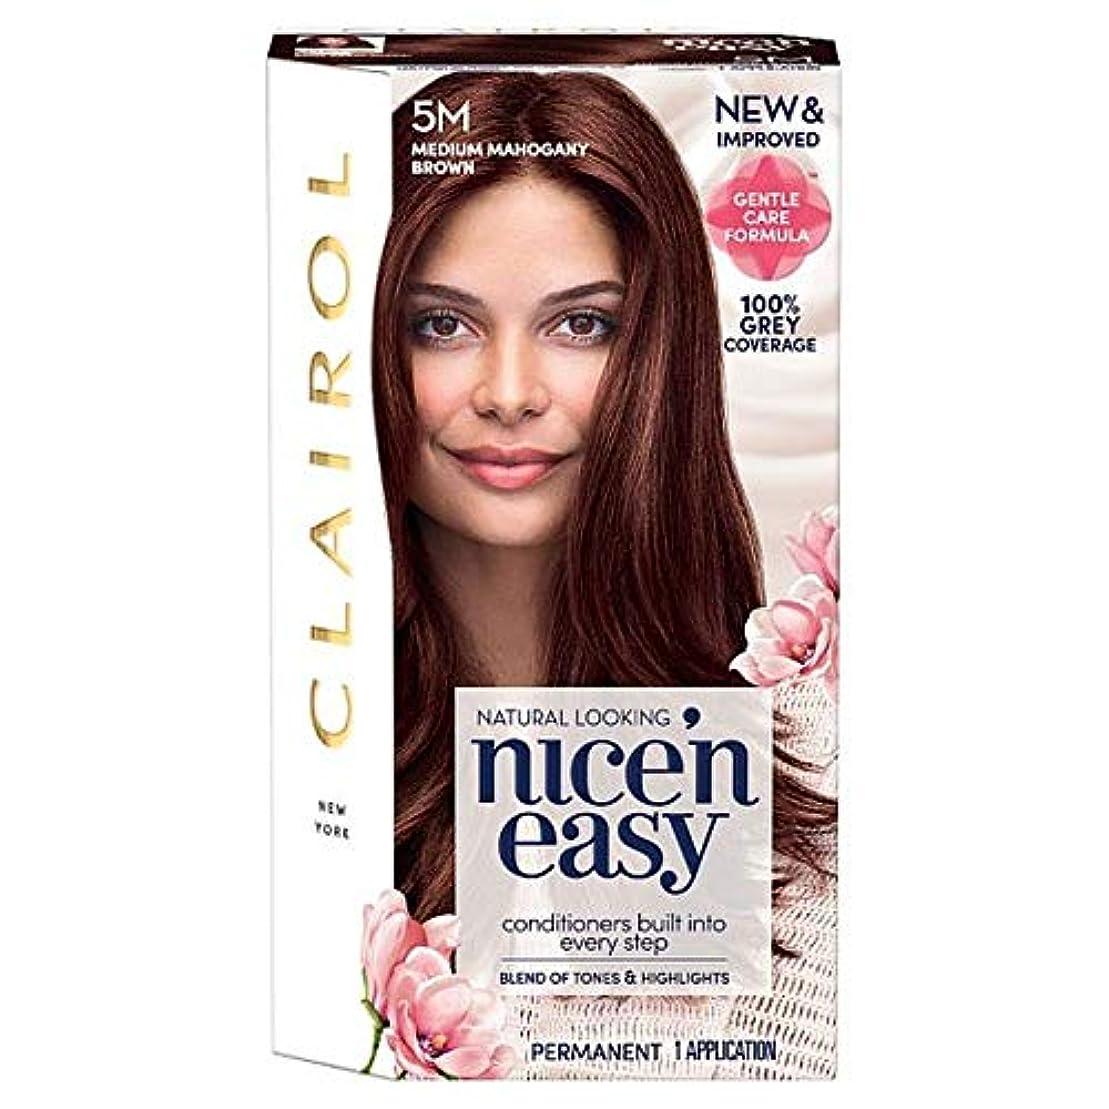 エゴマニアエゴマニア警官[Nice'n Easy] クレイロール素敵な「N簡単にメディアマホガニーブラウンの5メートルの染毛剤 - Clairol Nice 'N Easy Medium Mahogany Brown 5M Hair Dye [...